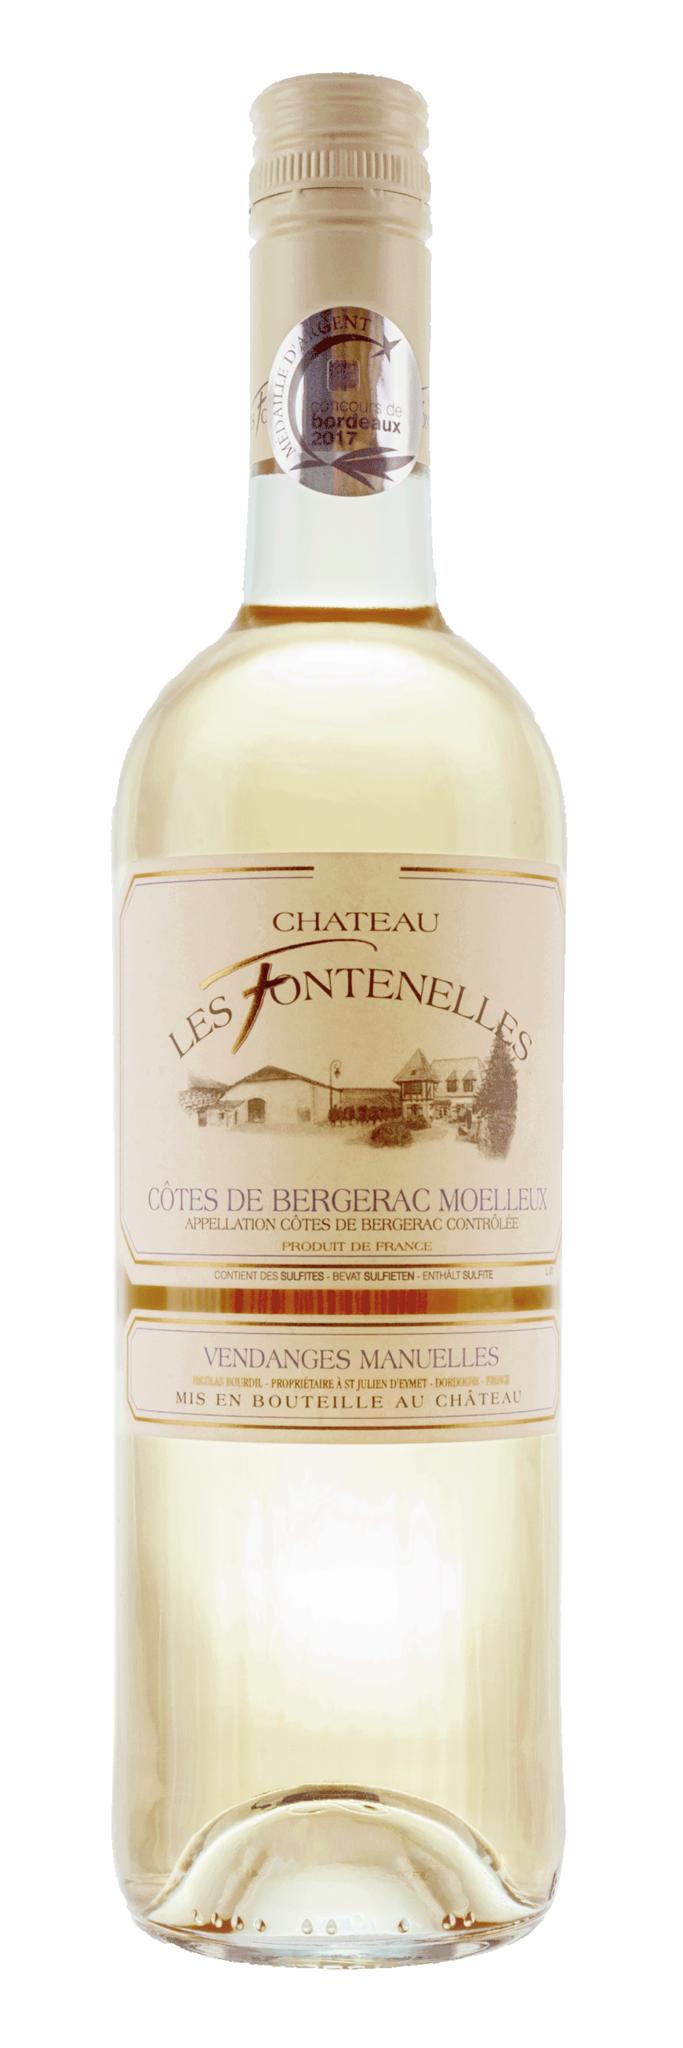 Fontenelles, Château les - Bergerac 2018 Château les Fontenelles, Cotes de Bergerac moelleux